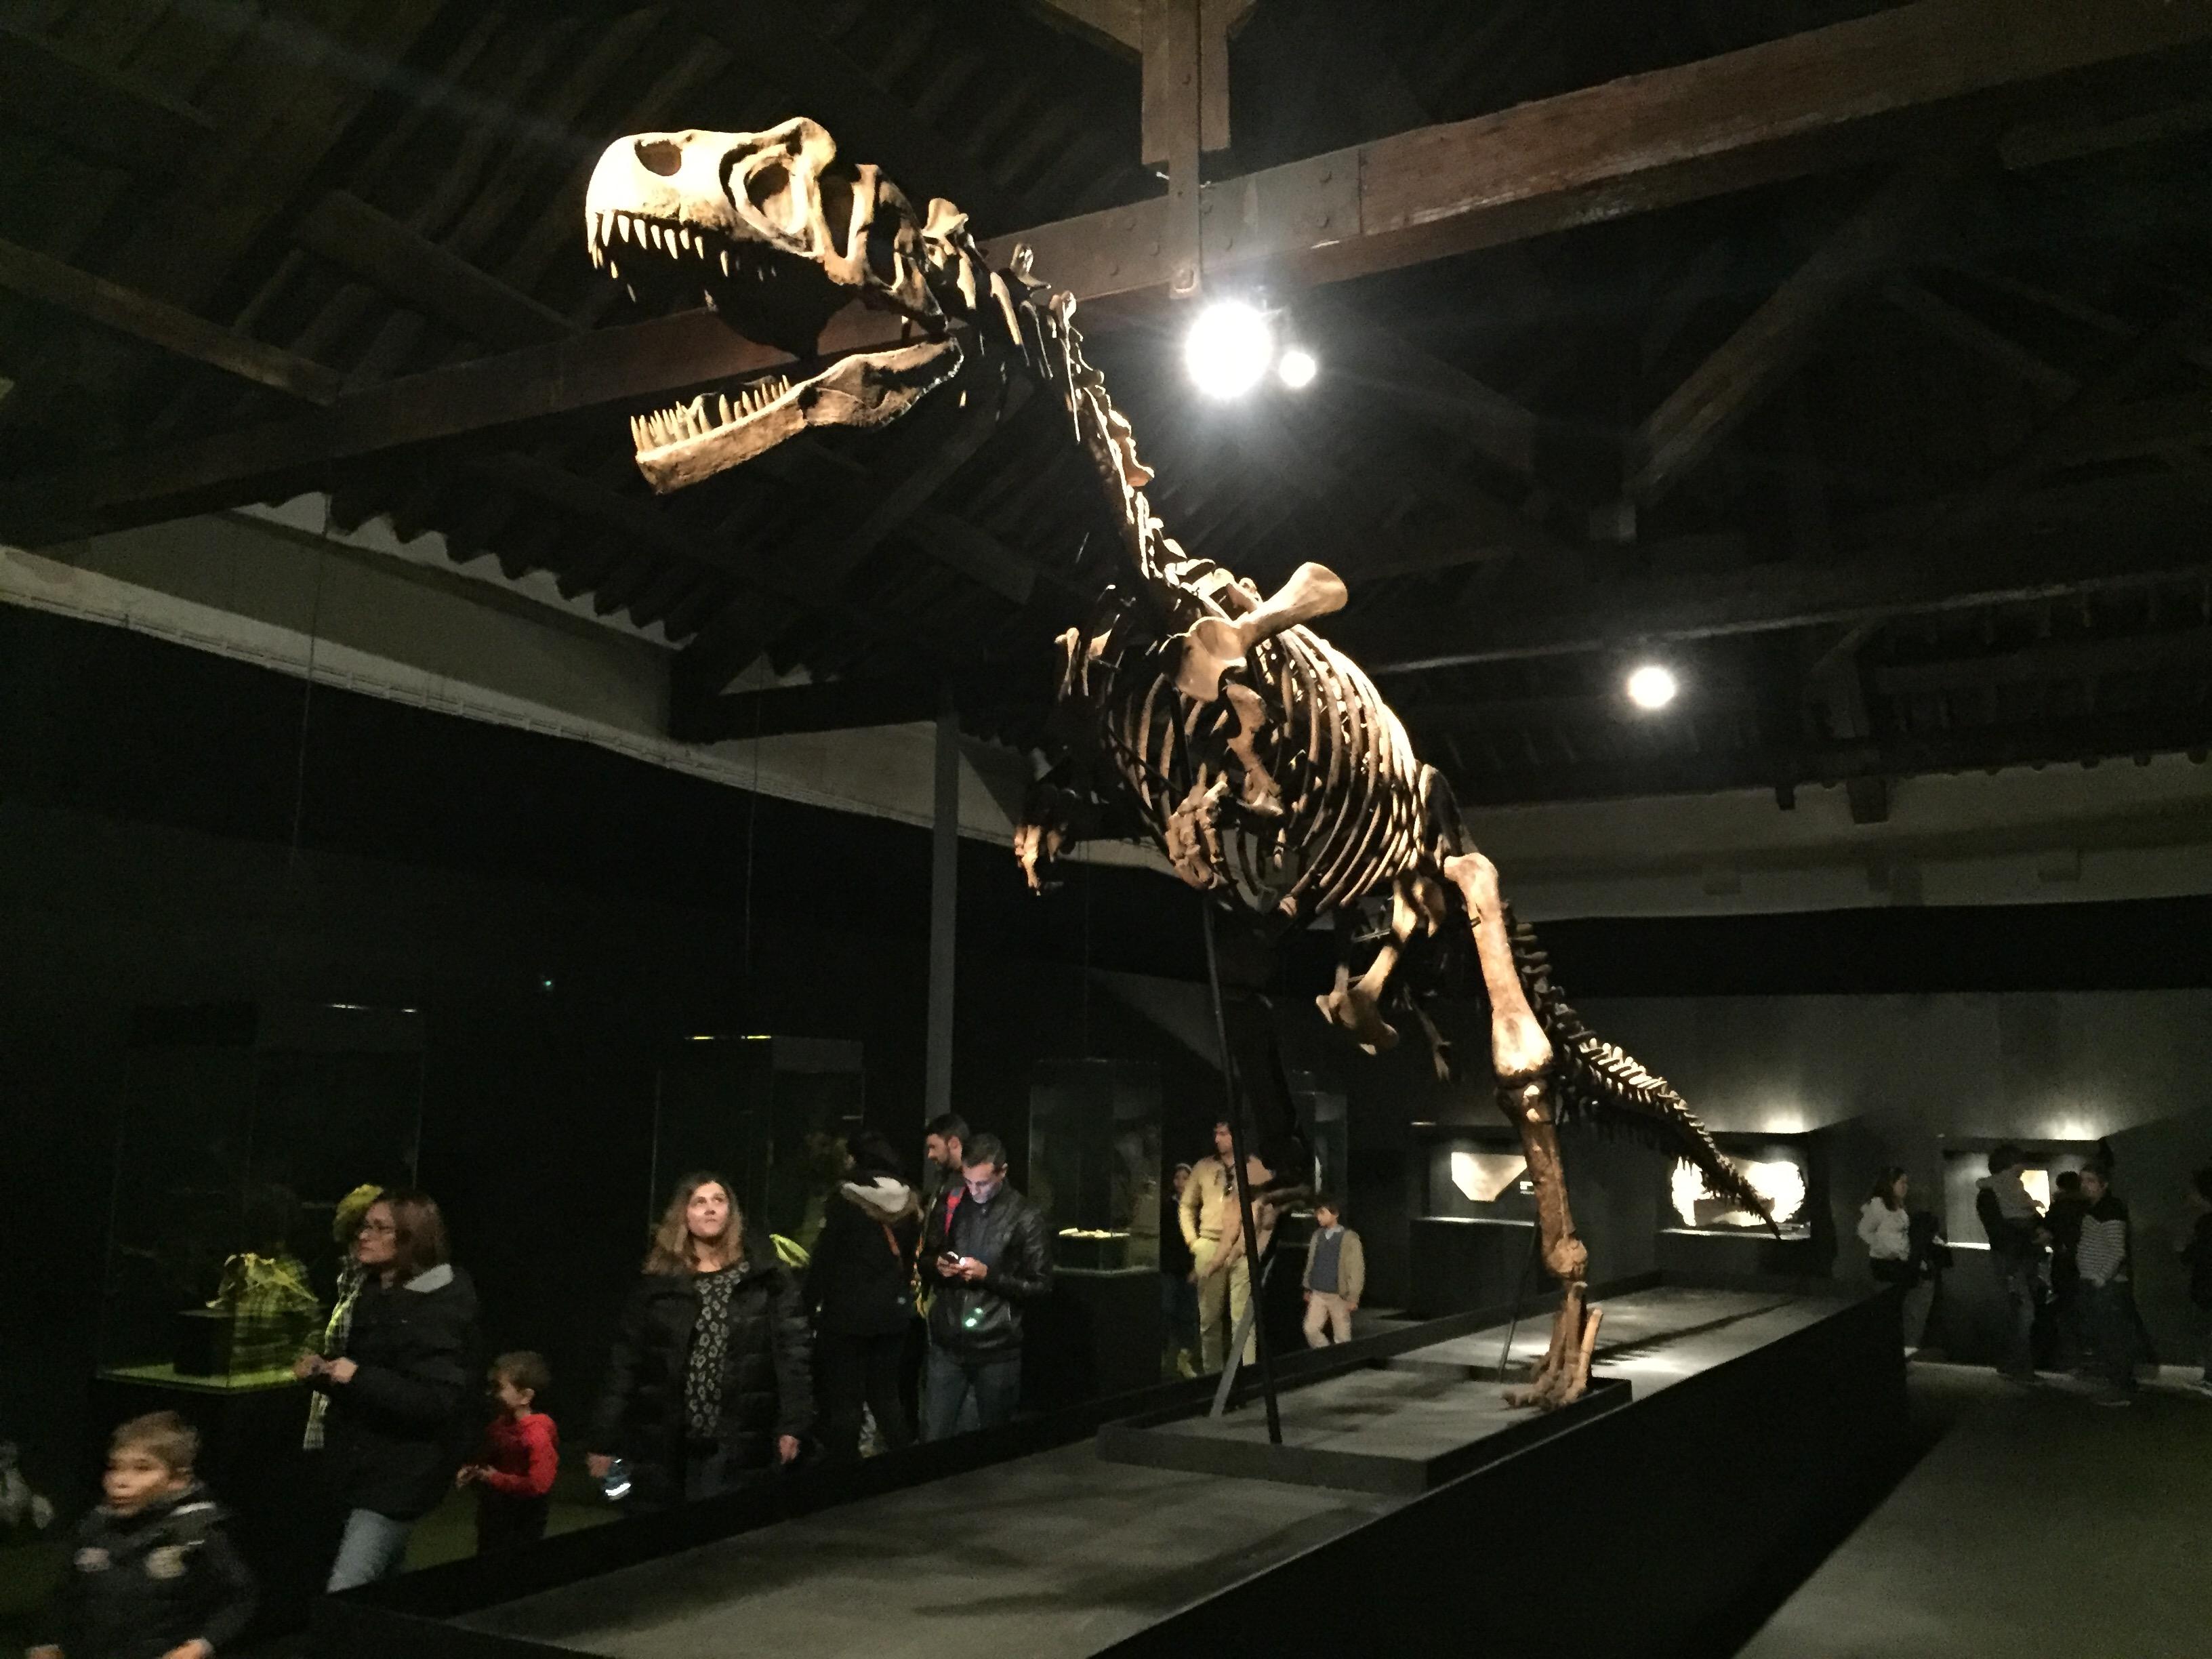 Réplica do esqueleto de um T-Rex: o queridinho dos gigantes